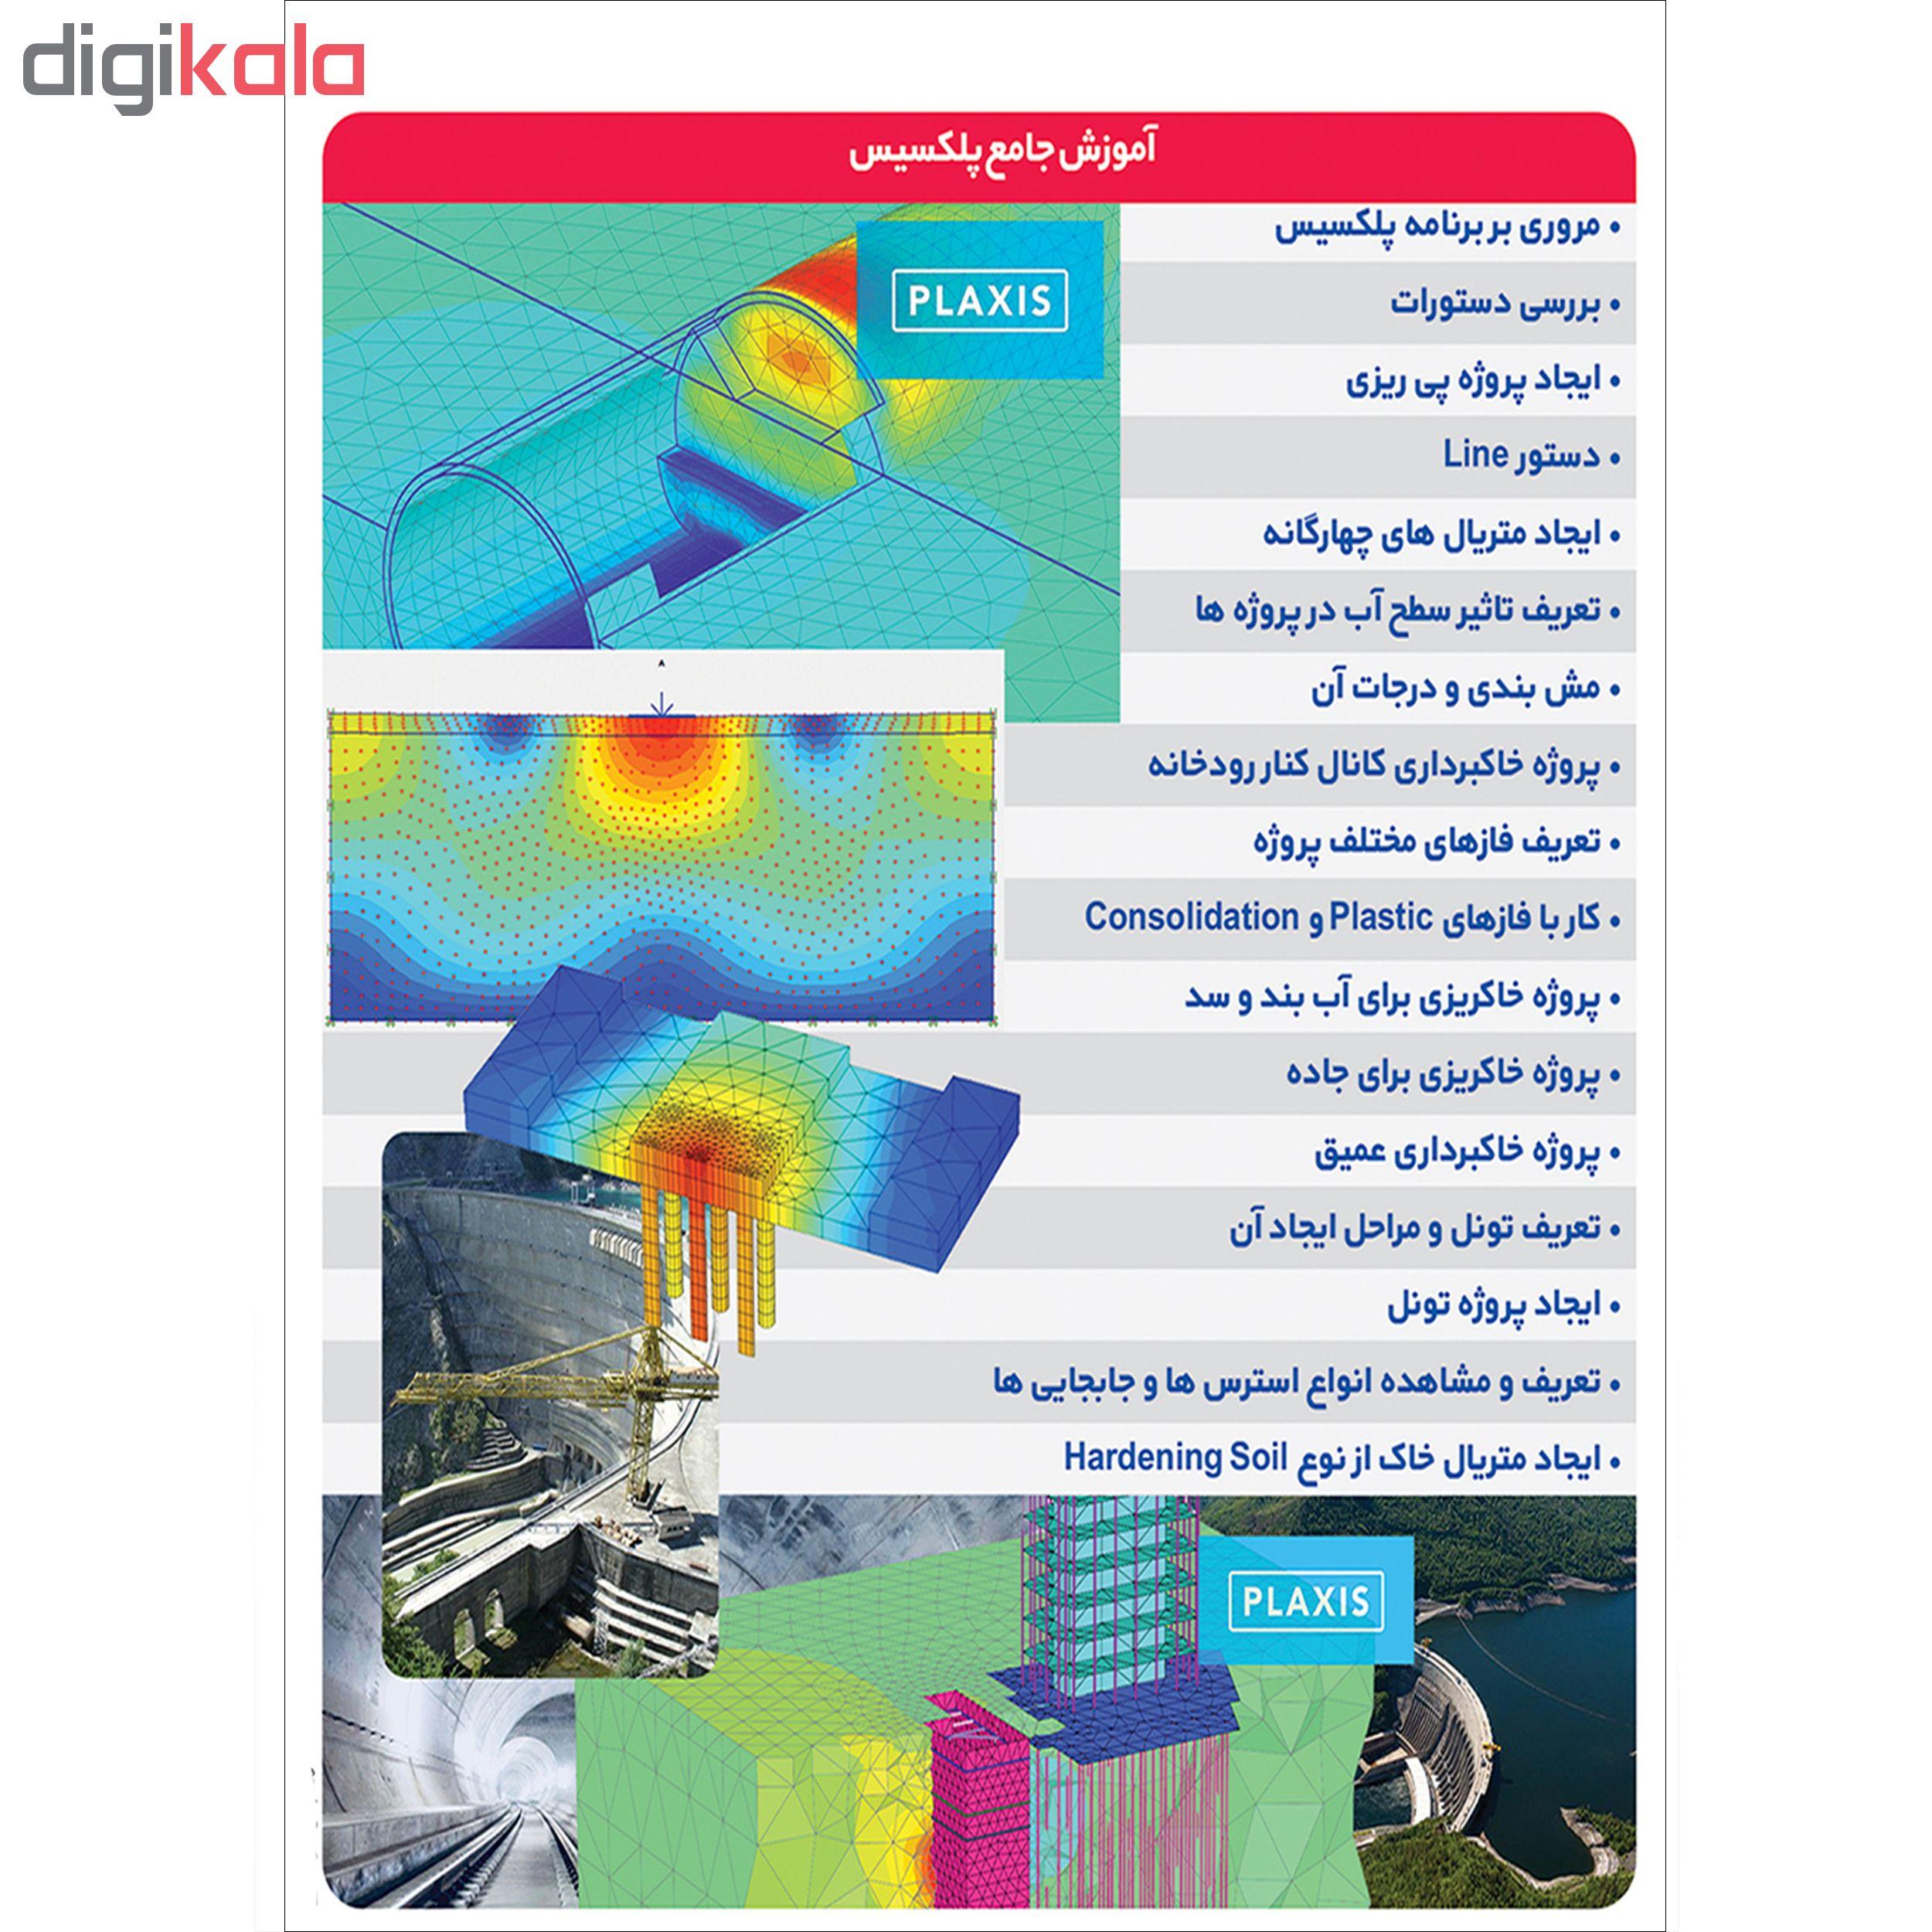 نرم افزار آموزش PLAXIS نشر پدیا سافت به همراه نرم افزار آموزش ETABS نشر پدیده